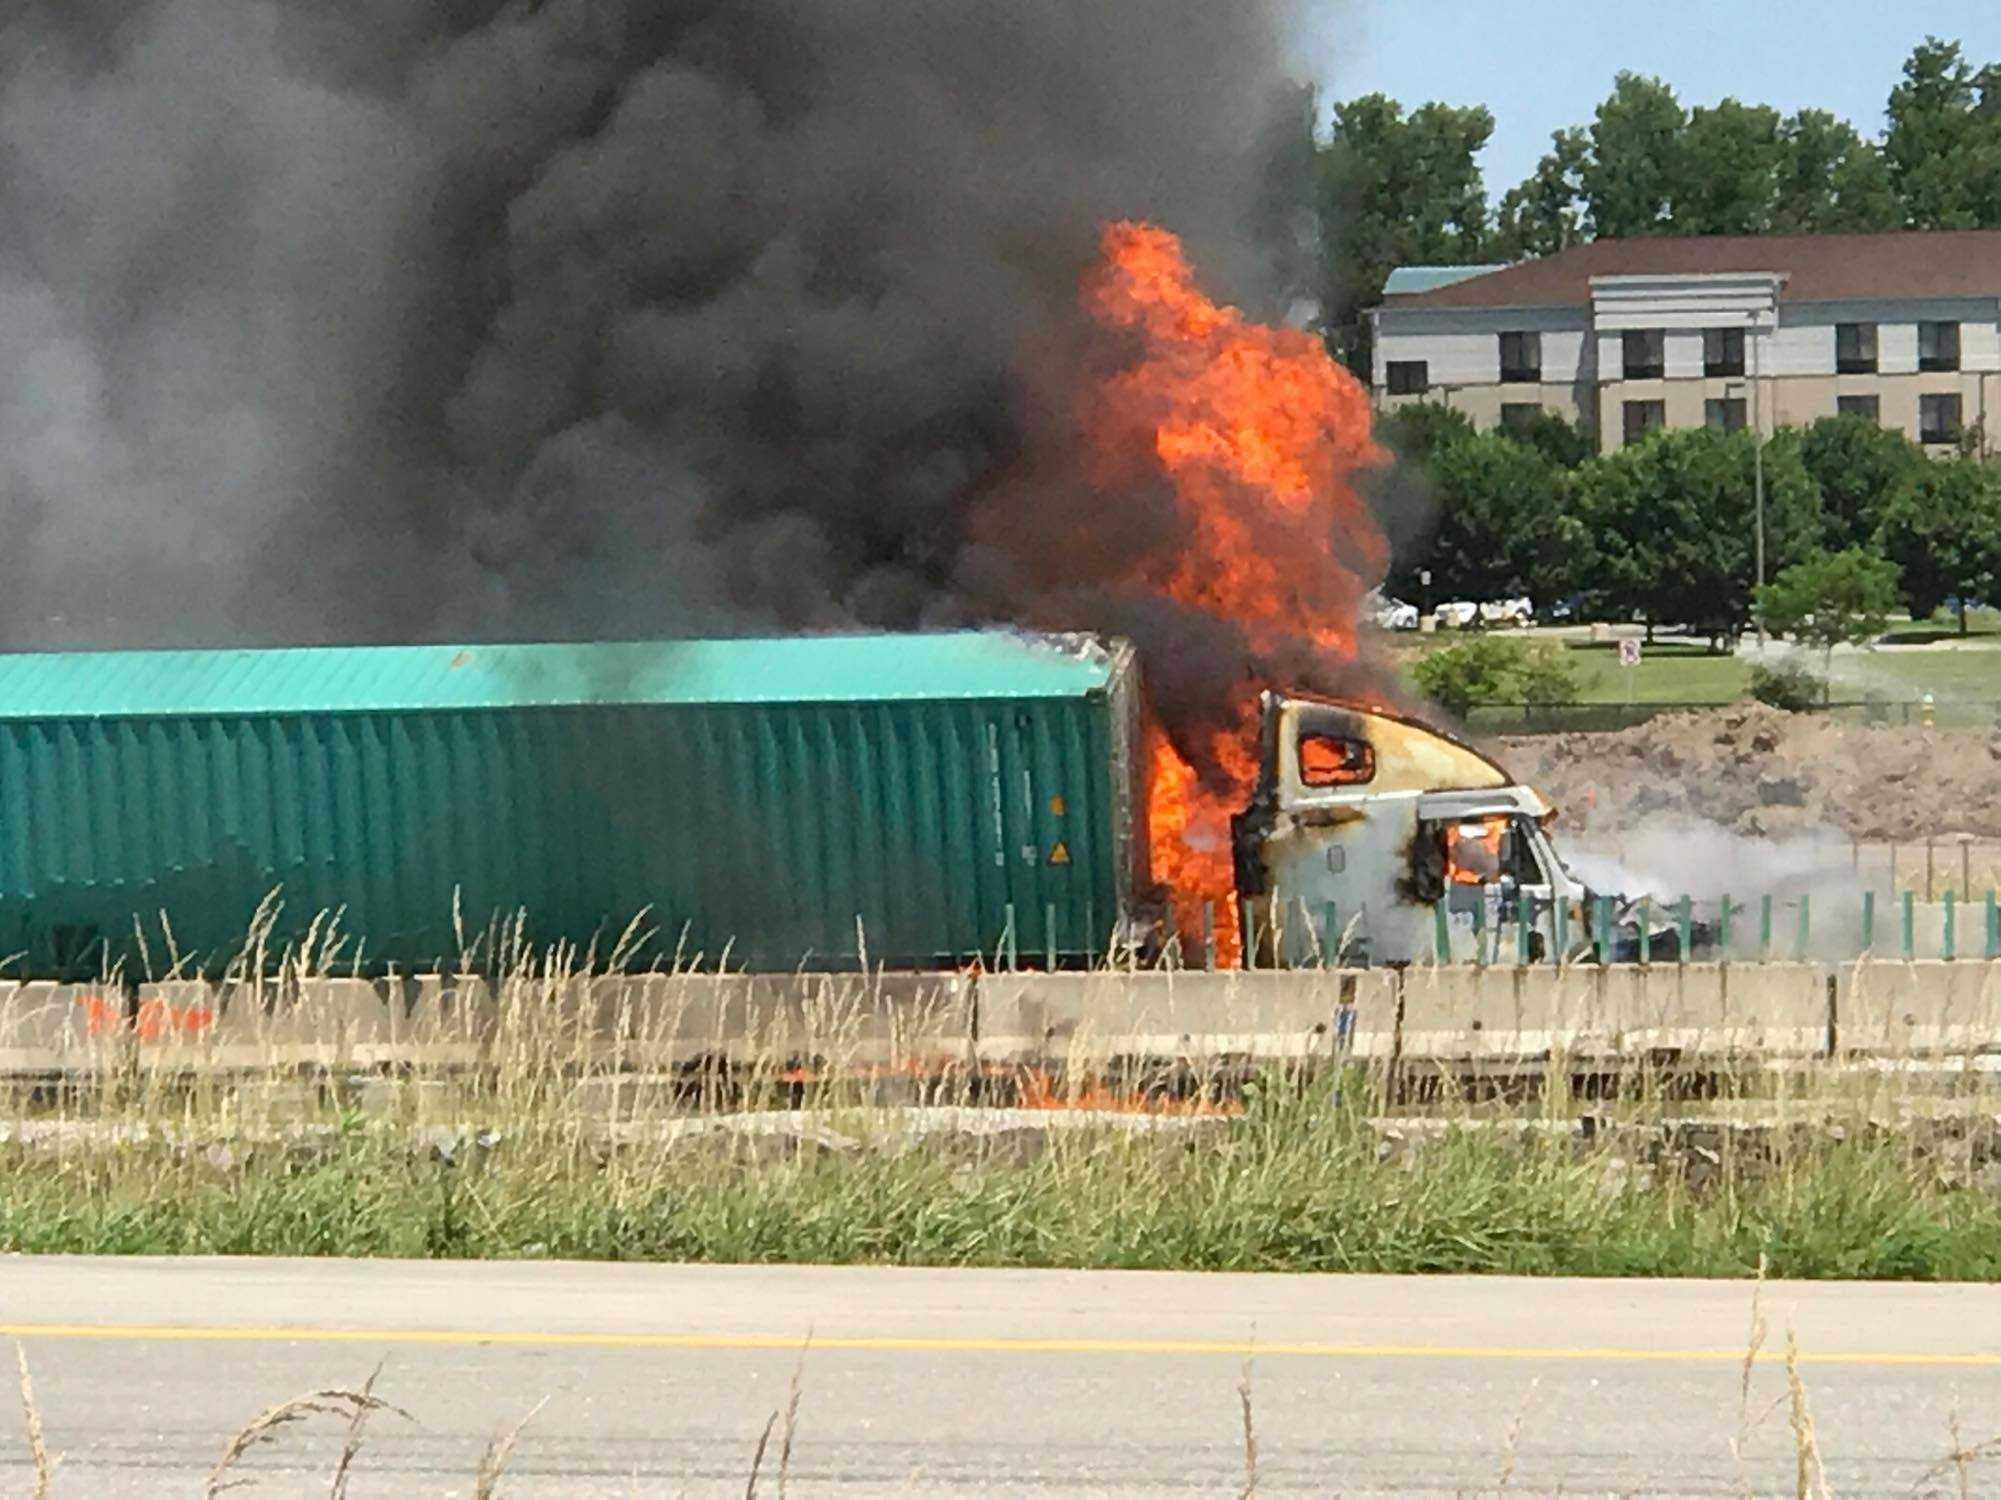 Semi-truck fire off EB Interstate 70 at York Street